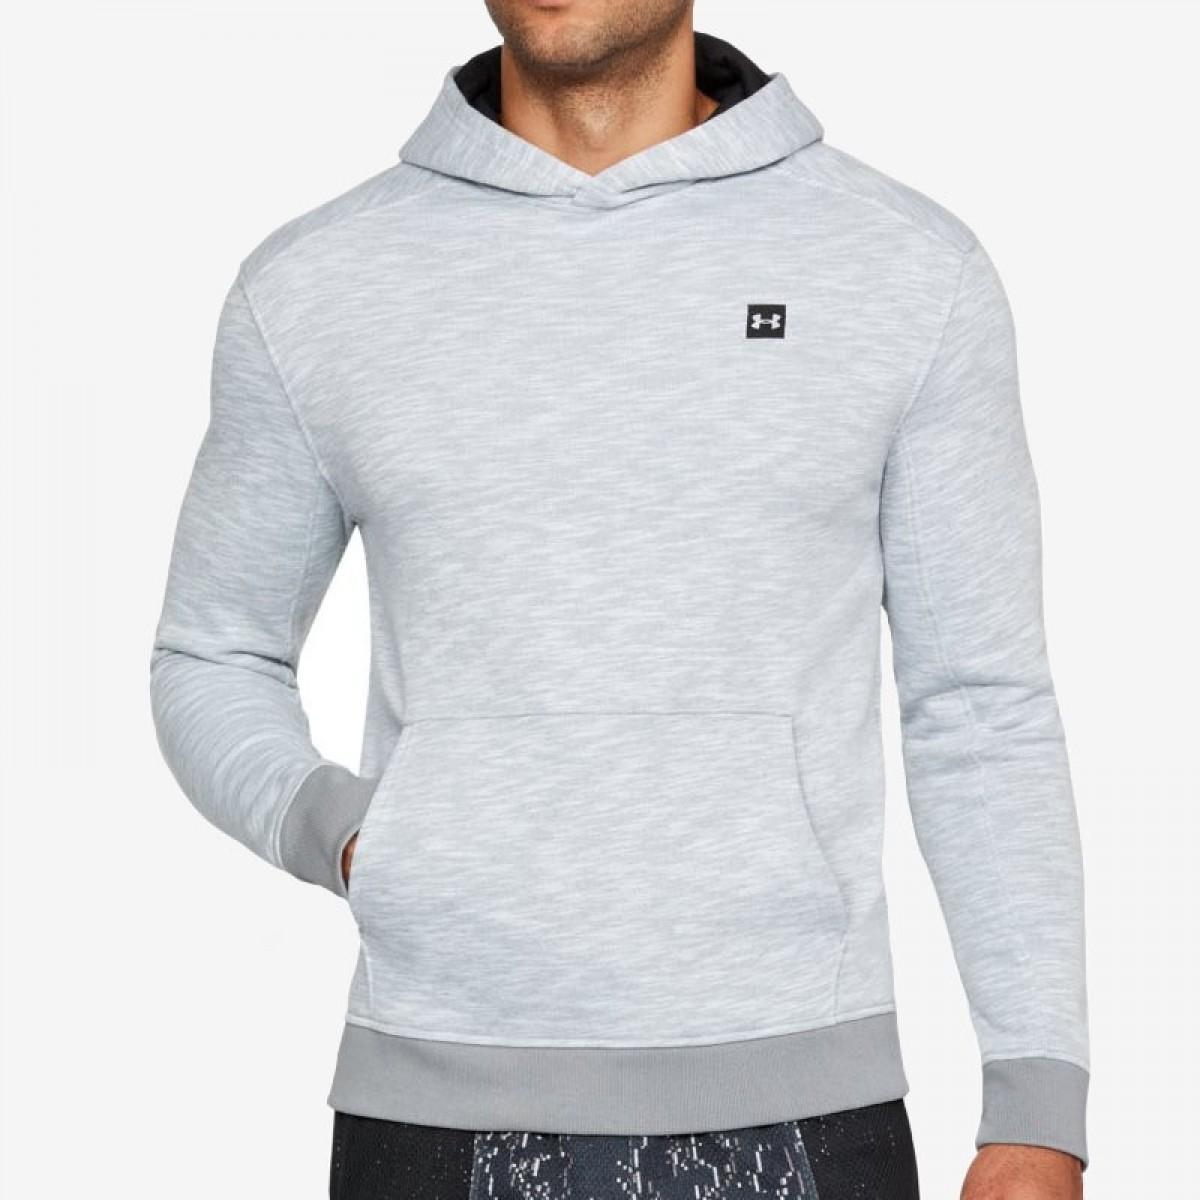 UA Baseline P/O Hoodie 'Grey'